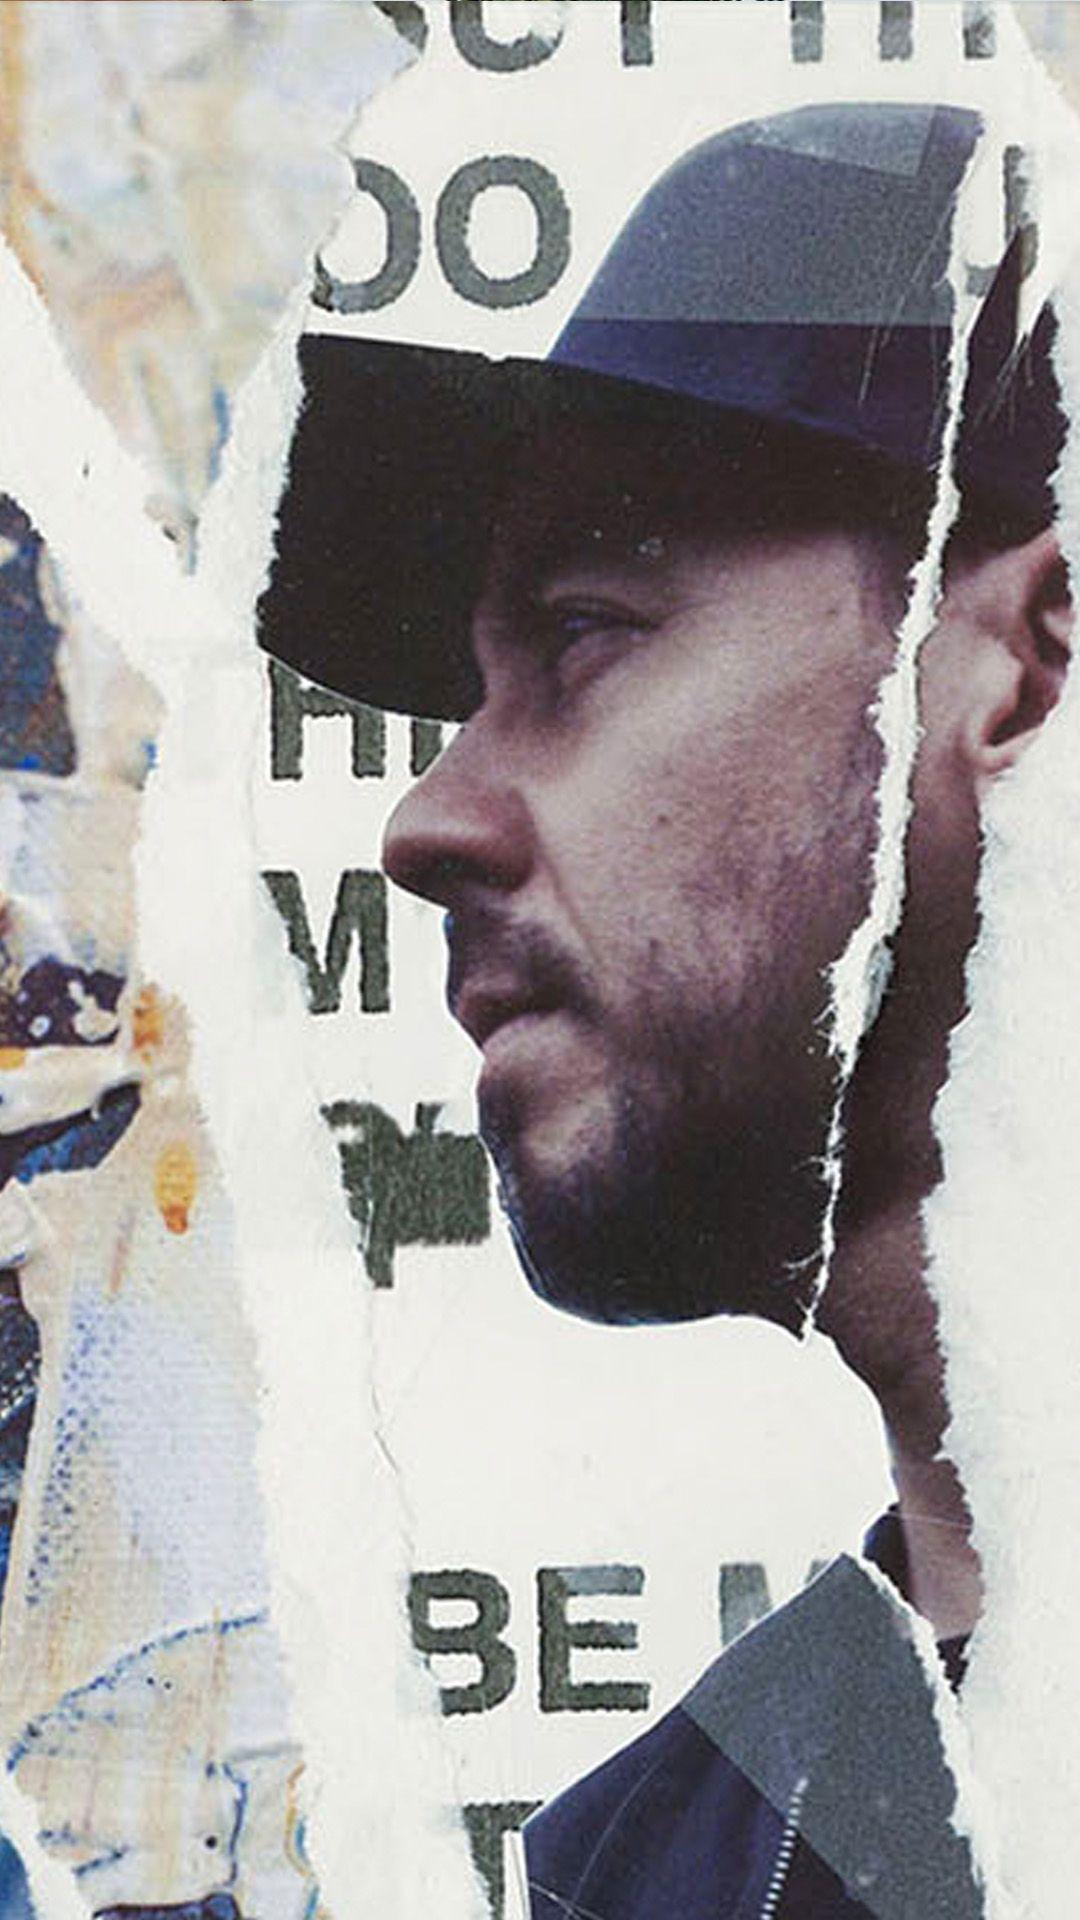 Mike Shinoda Hd Mobile Wallpaper - Mike Shinoda , HD Wallpaper & Backgrounds